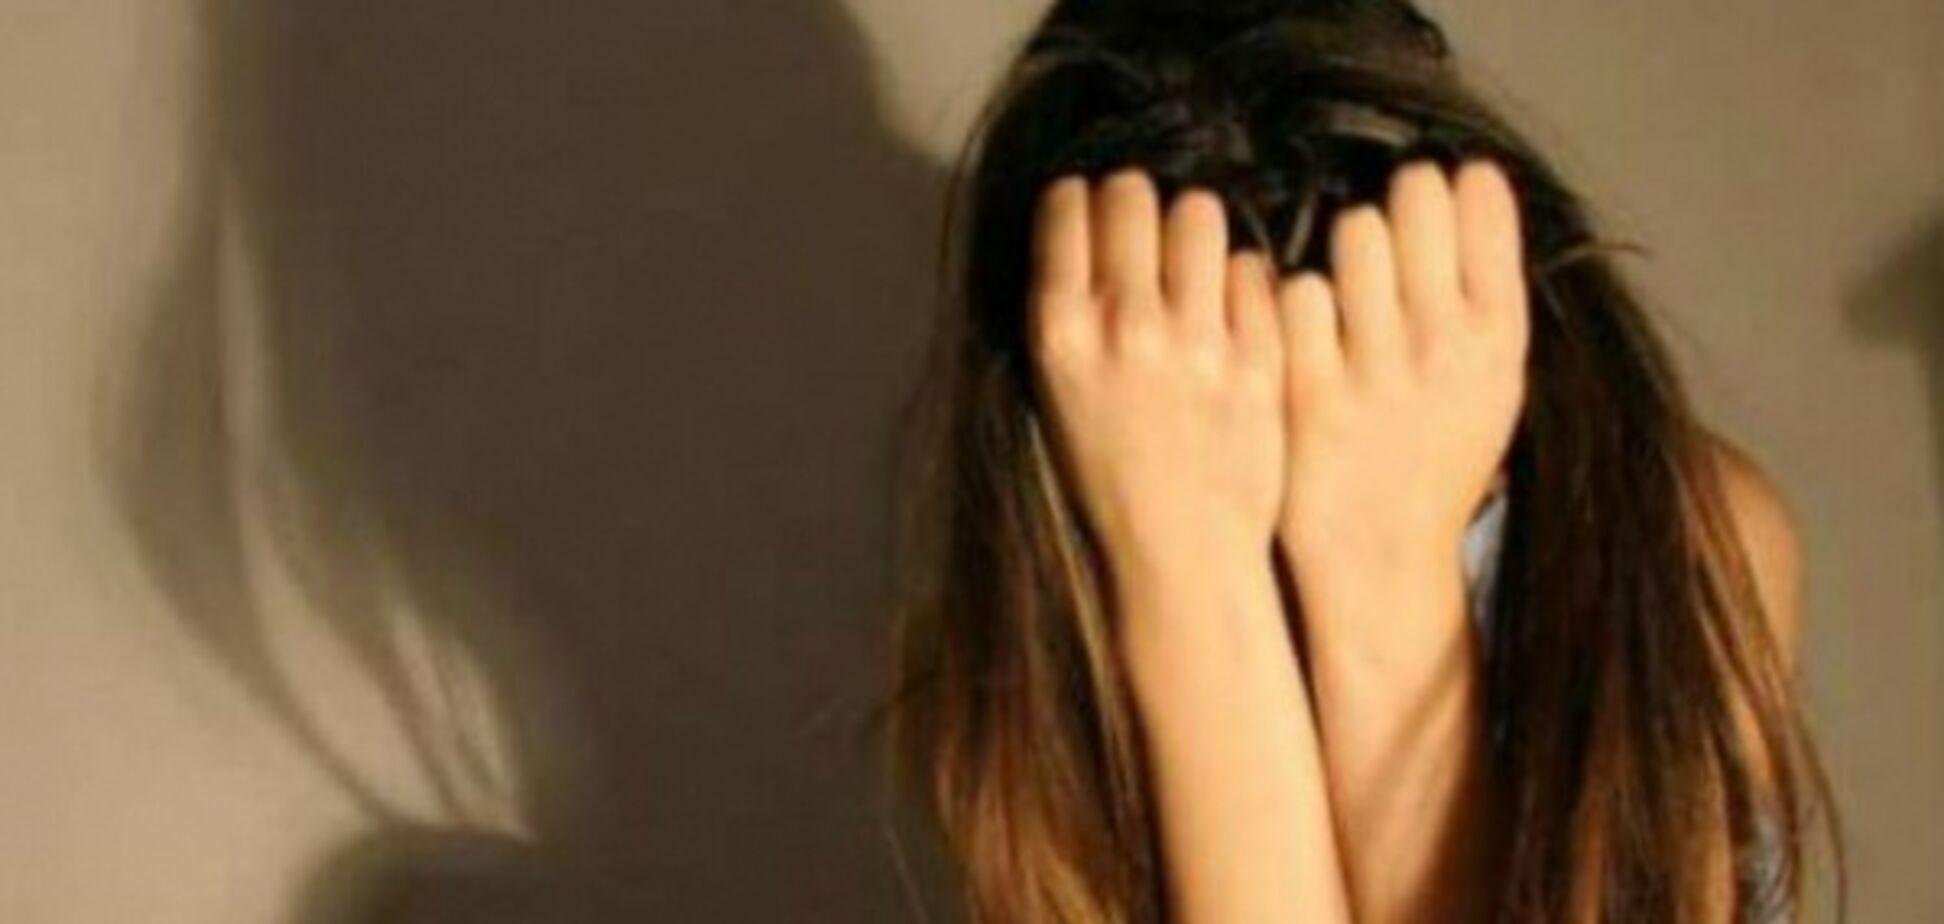 'Чи варте життя цього всього?' Флешмоб школярів врятував дівчину від самогубства